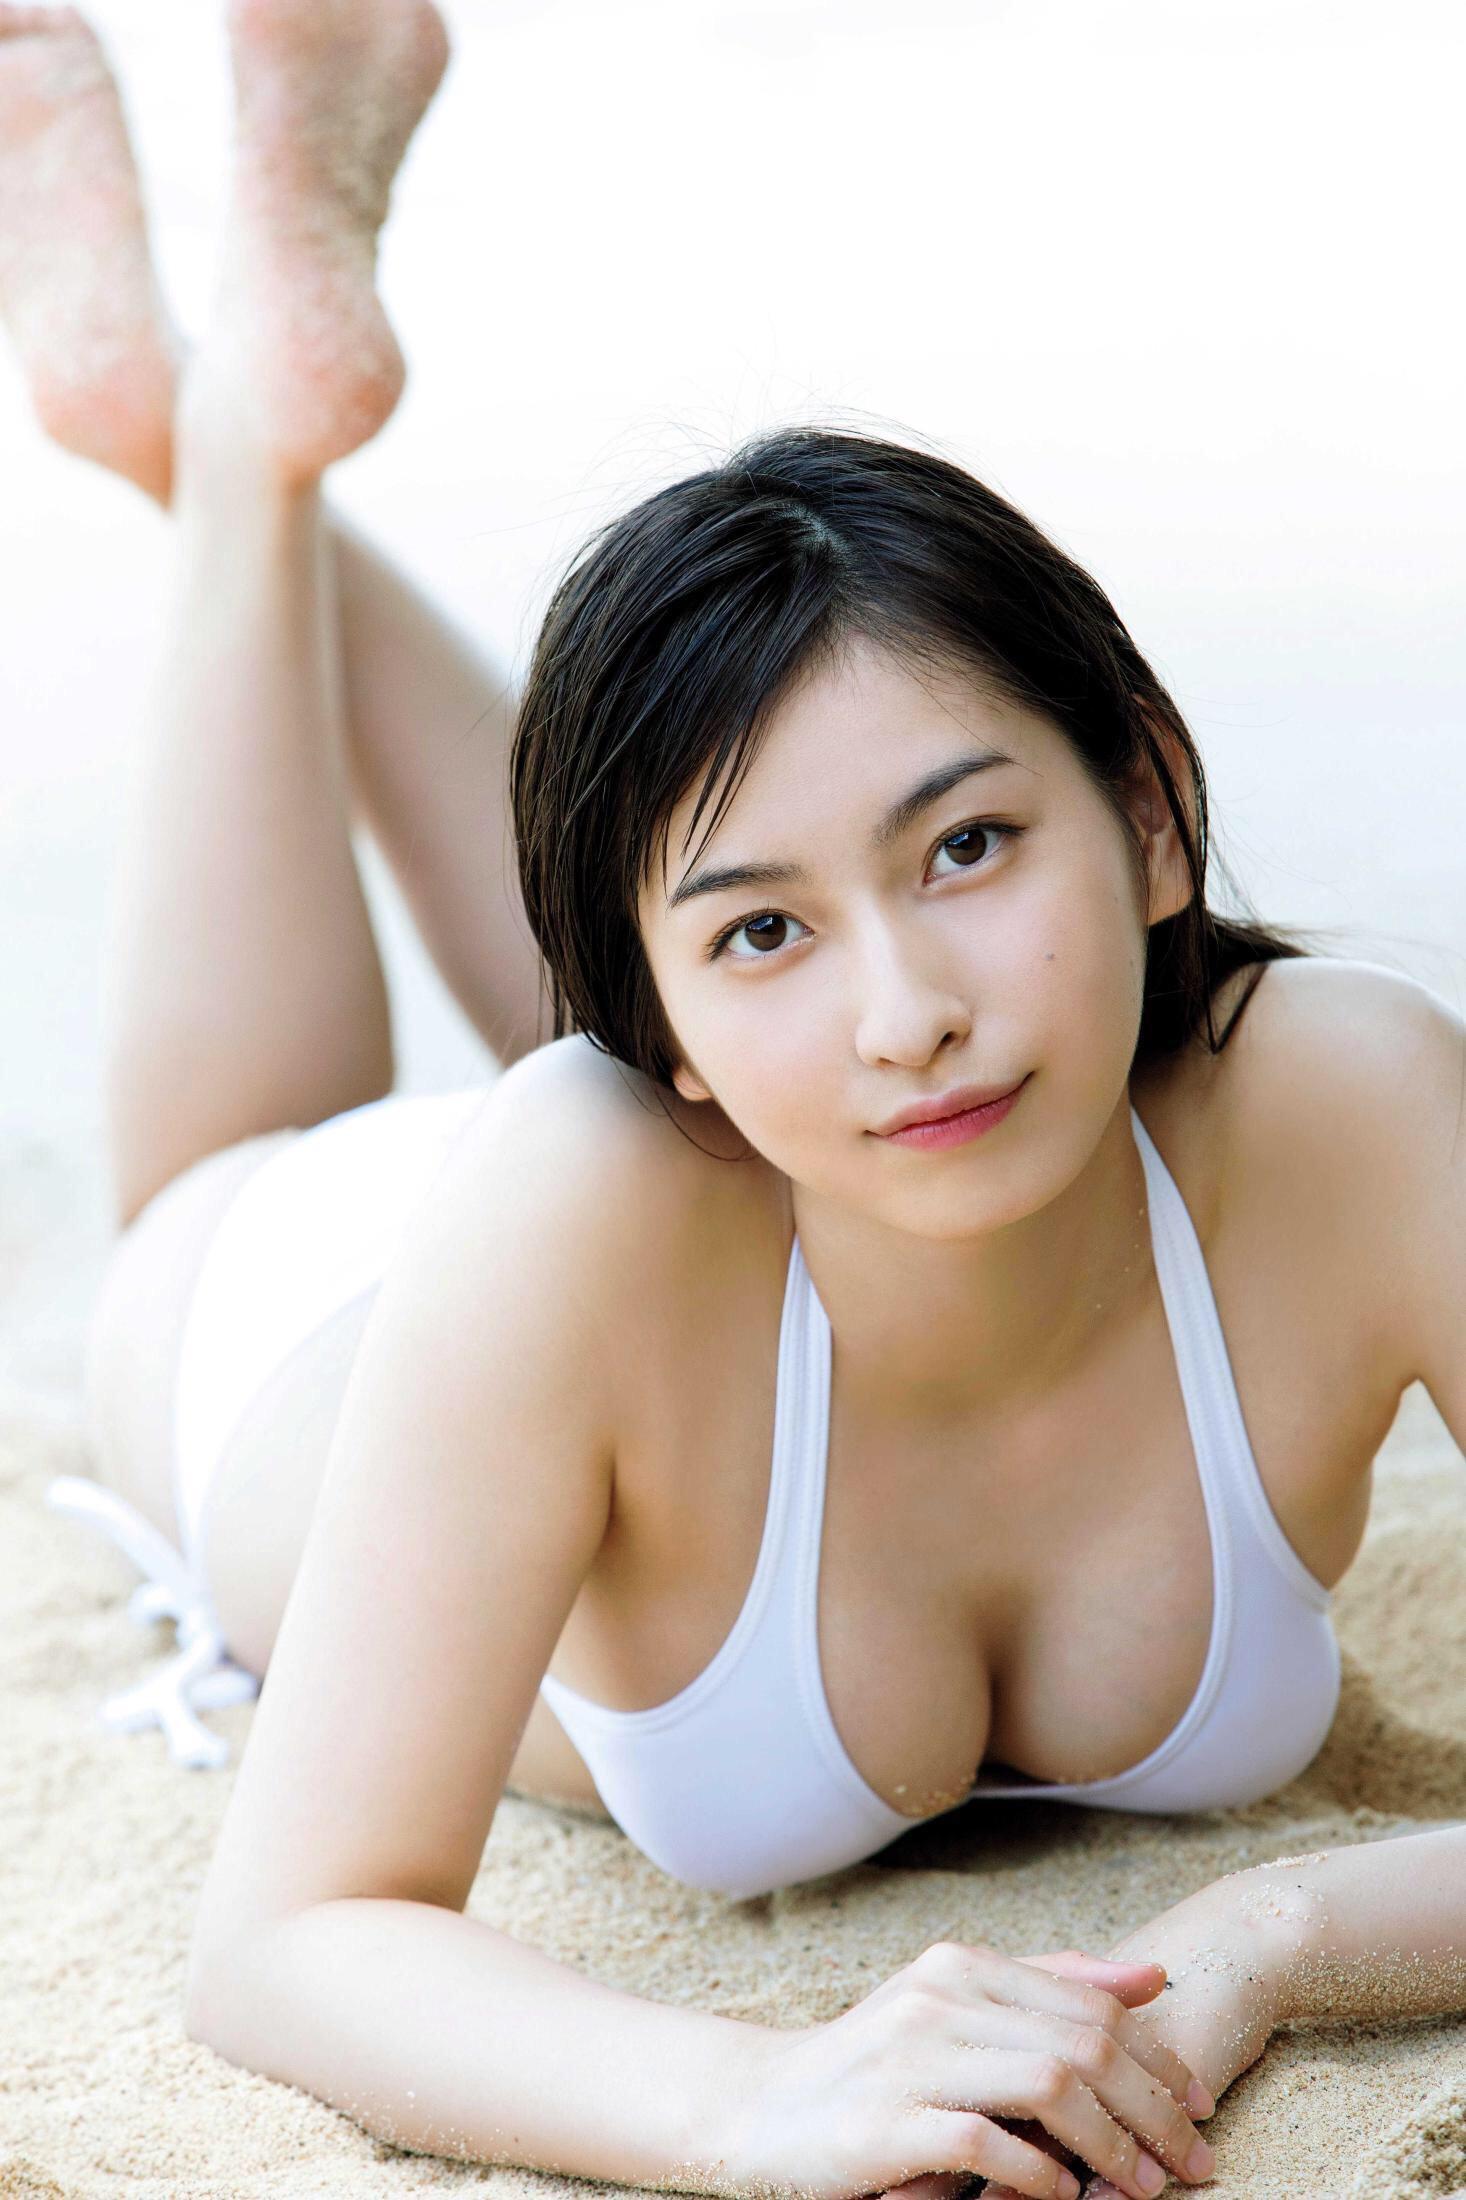 西村 理香 危険: www6160up.sakura.ne.jp/西村 理香 危é...